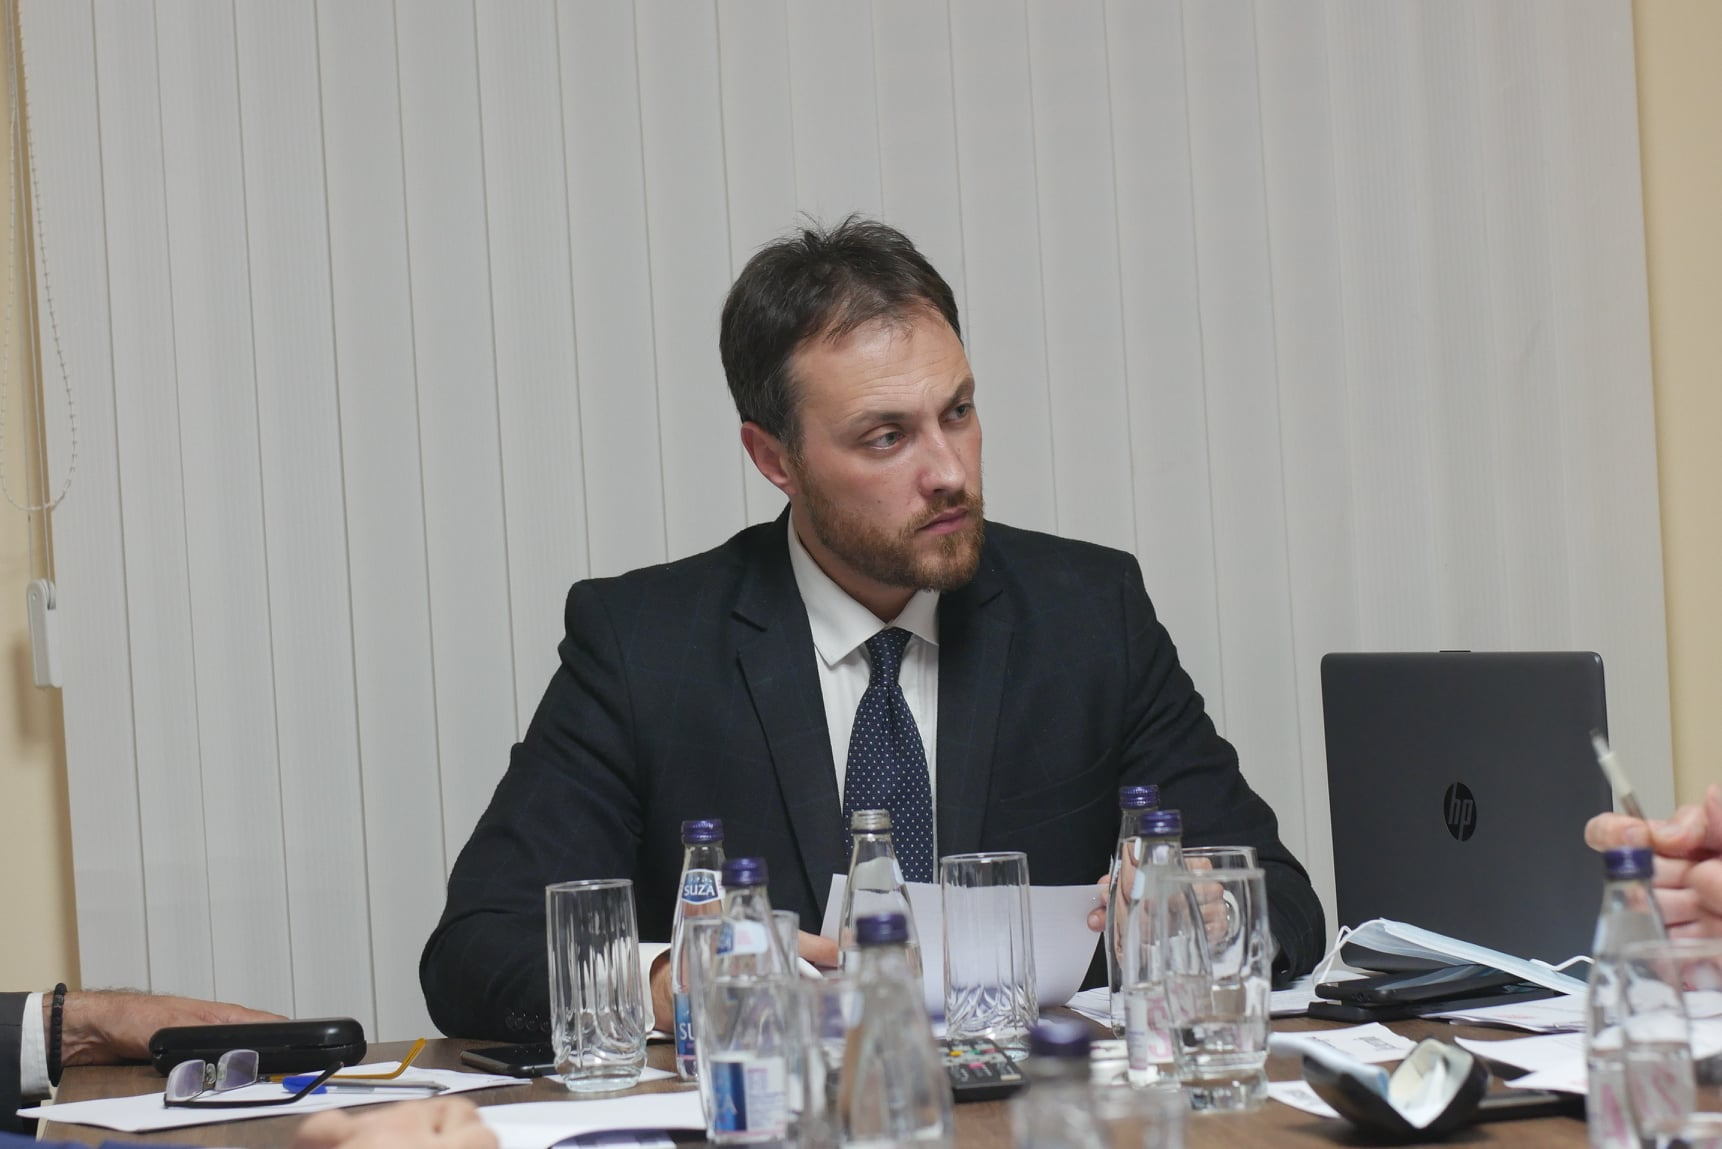 Милачић: Одлазећа монтенегринска власт покушава да додатно понизи Црну Гору и наруши односе са суседном и братском Србијом